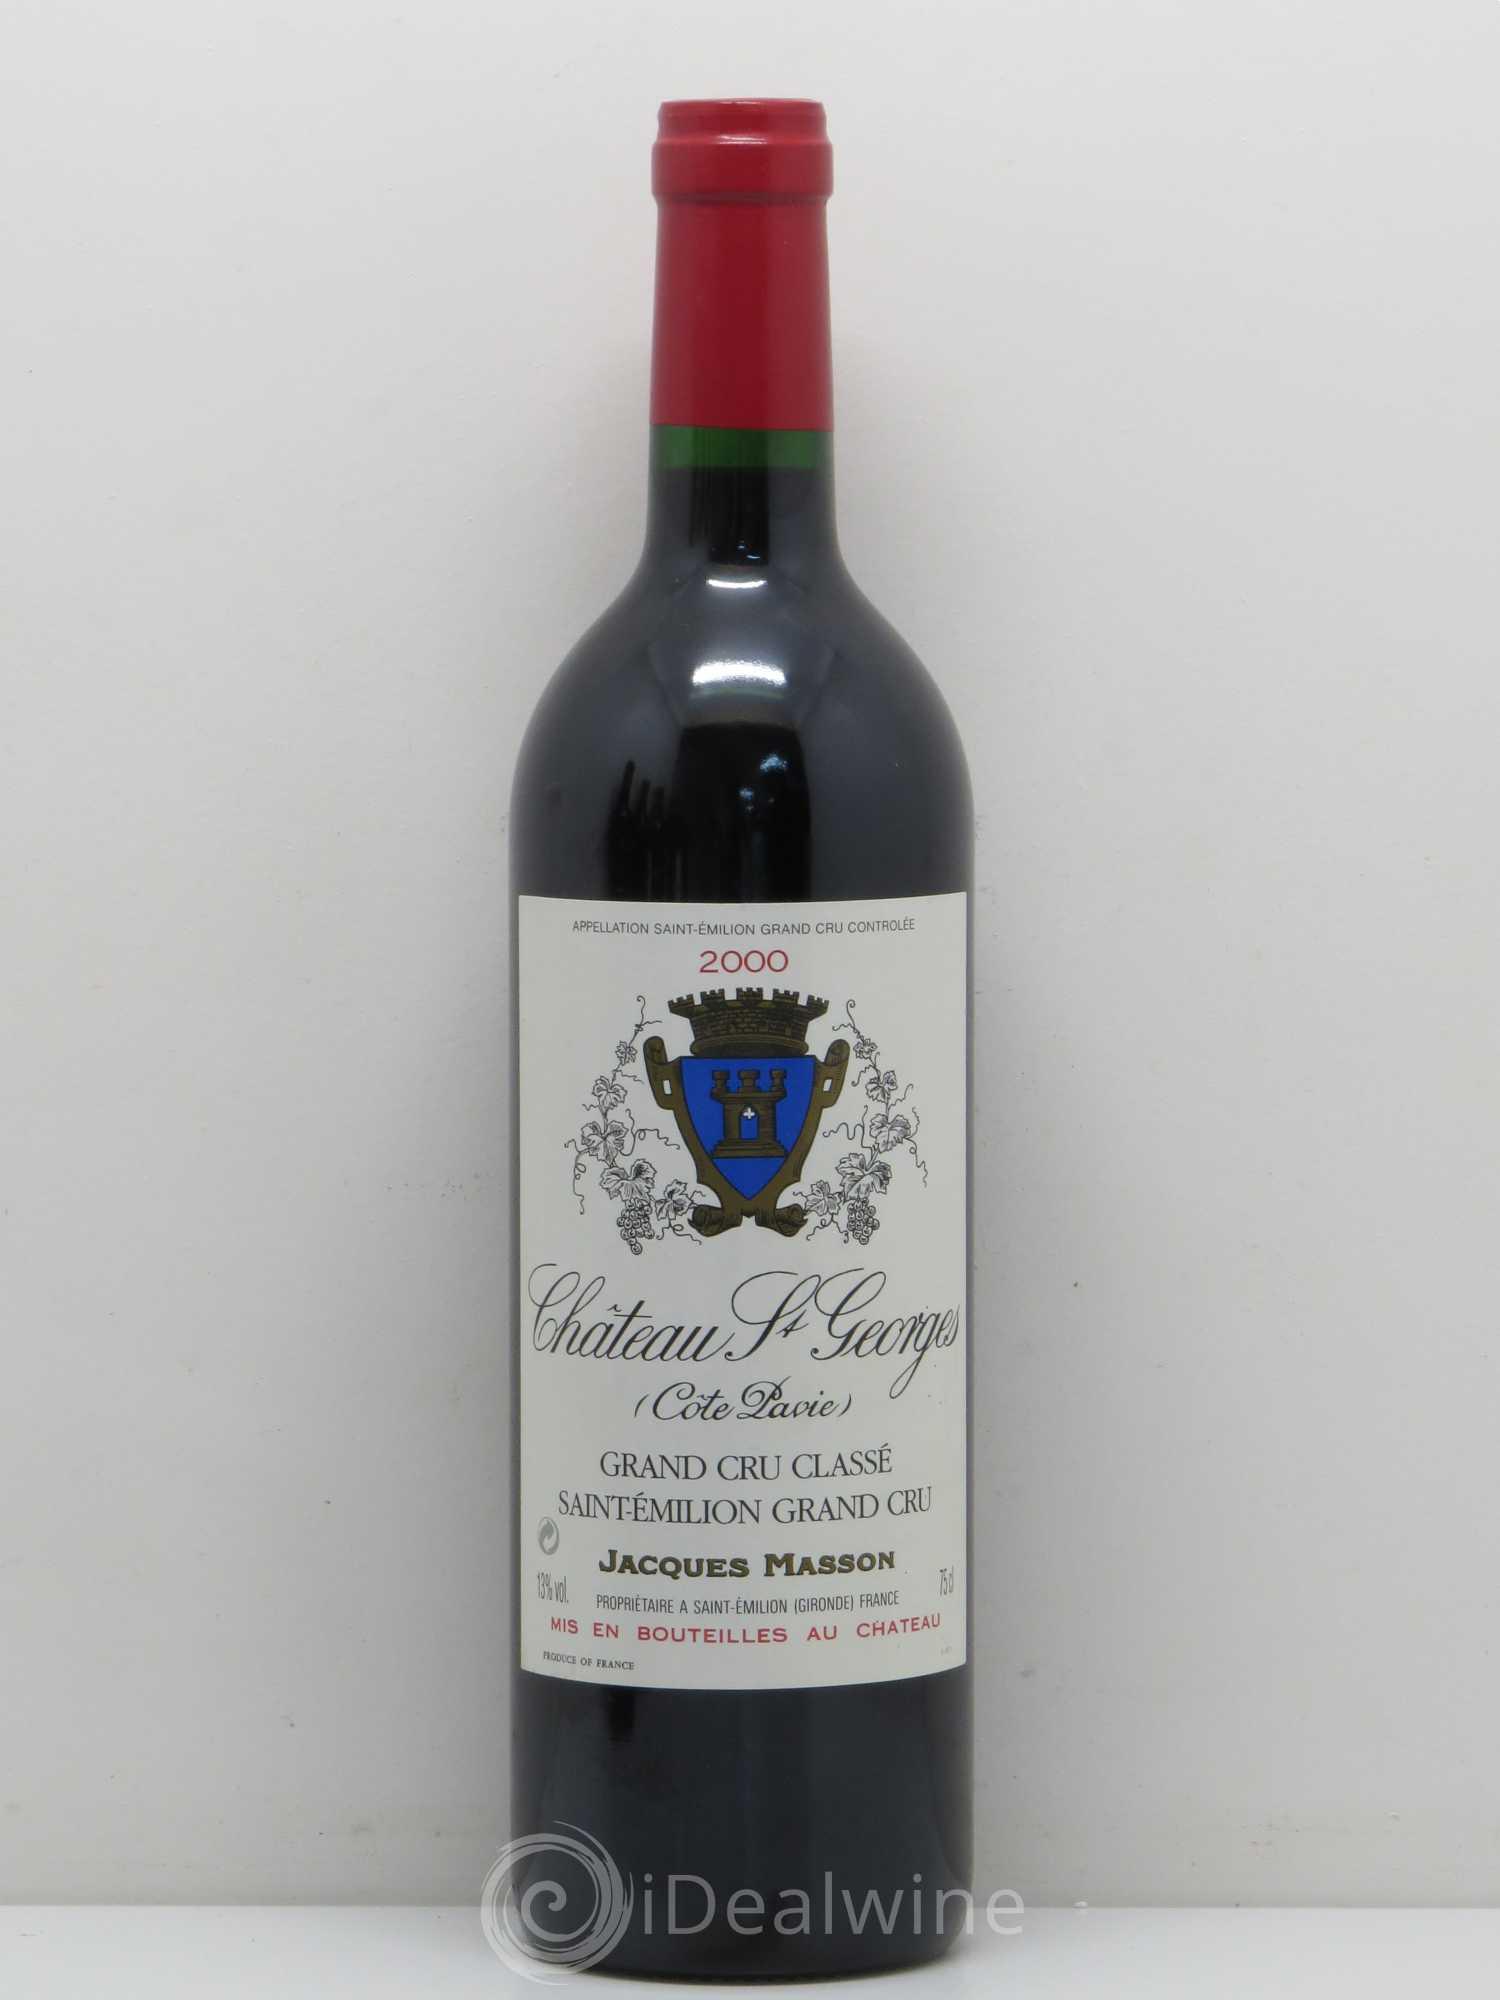 8a1e0586438 Château Saint-Georges Côte Pavie Grand Cru Classé 2000 - Lot of 1 Bottle